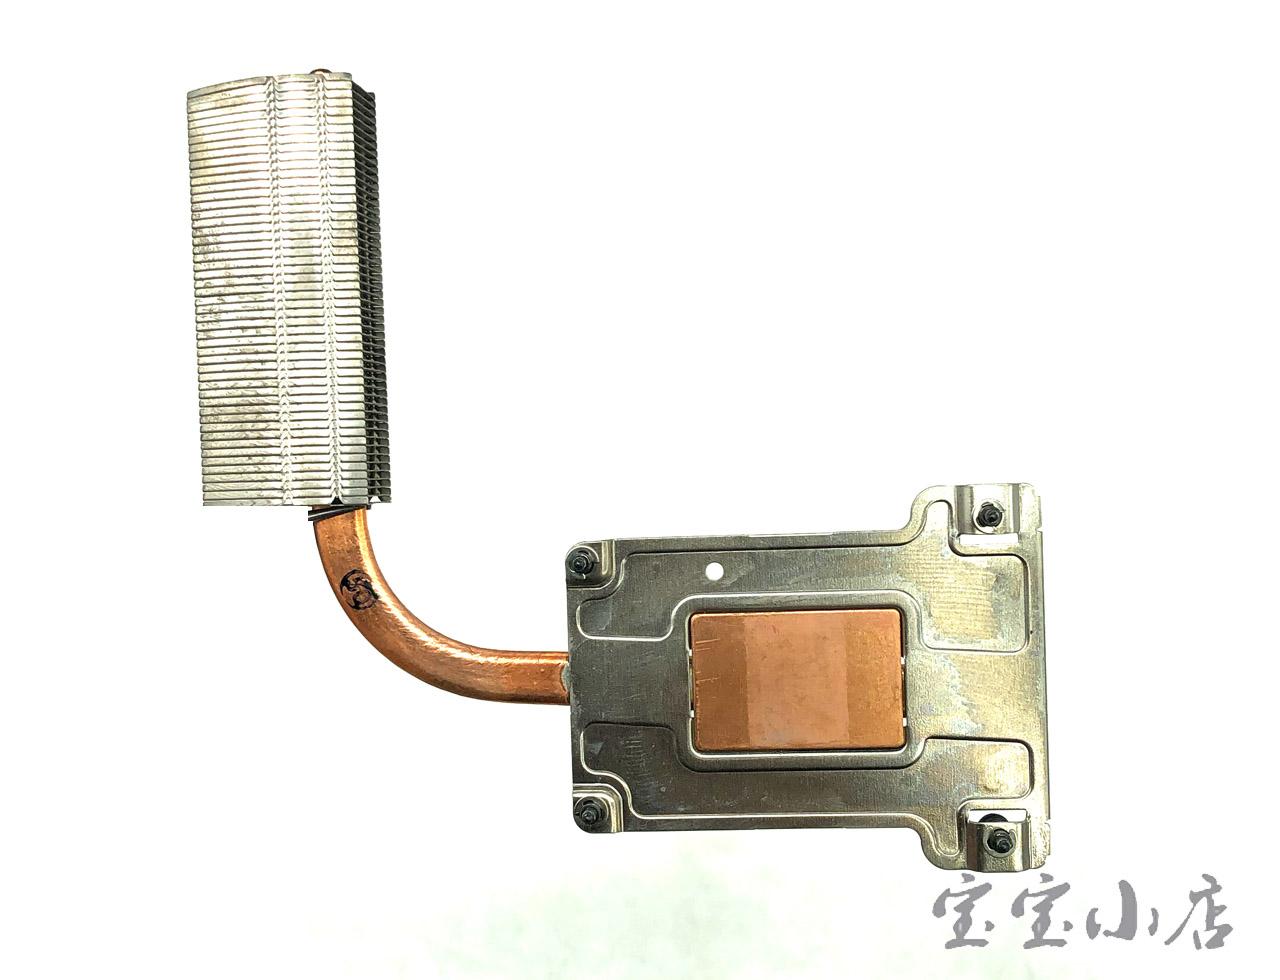 惠普PROBOOK 4430S 4330S 散热模组器导热铜管sps:646357-001 60430092801 Ver:A01 解决死机 重启 自动关机故障